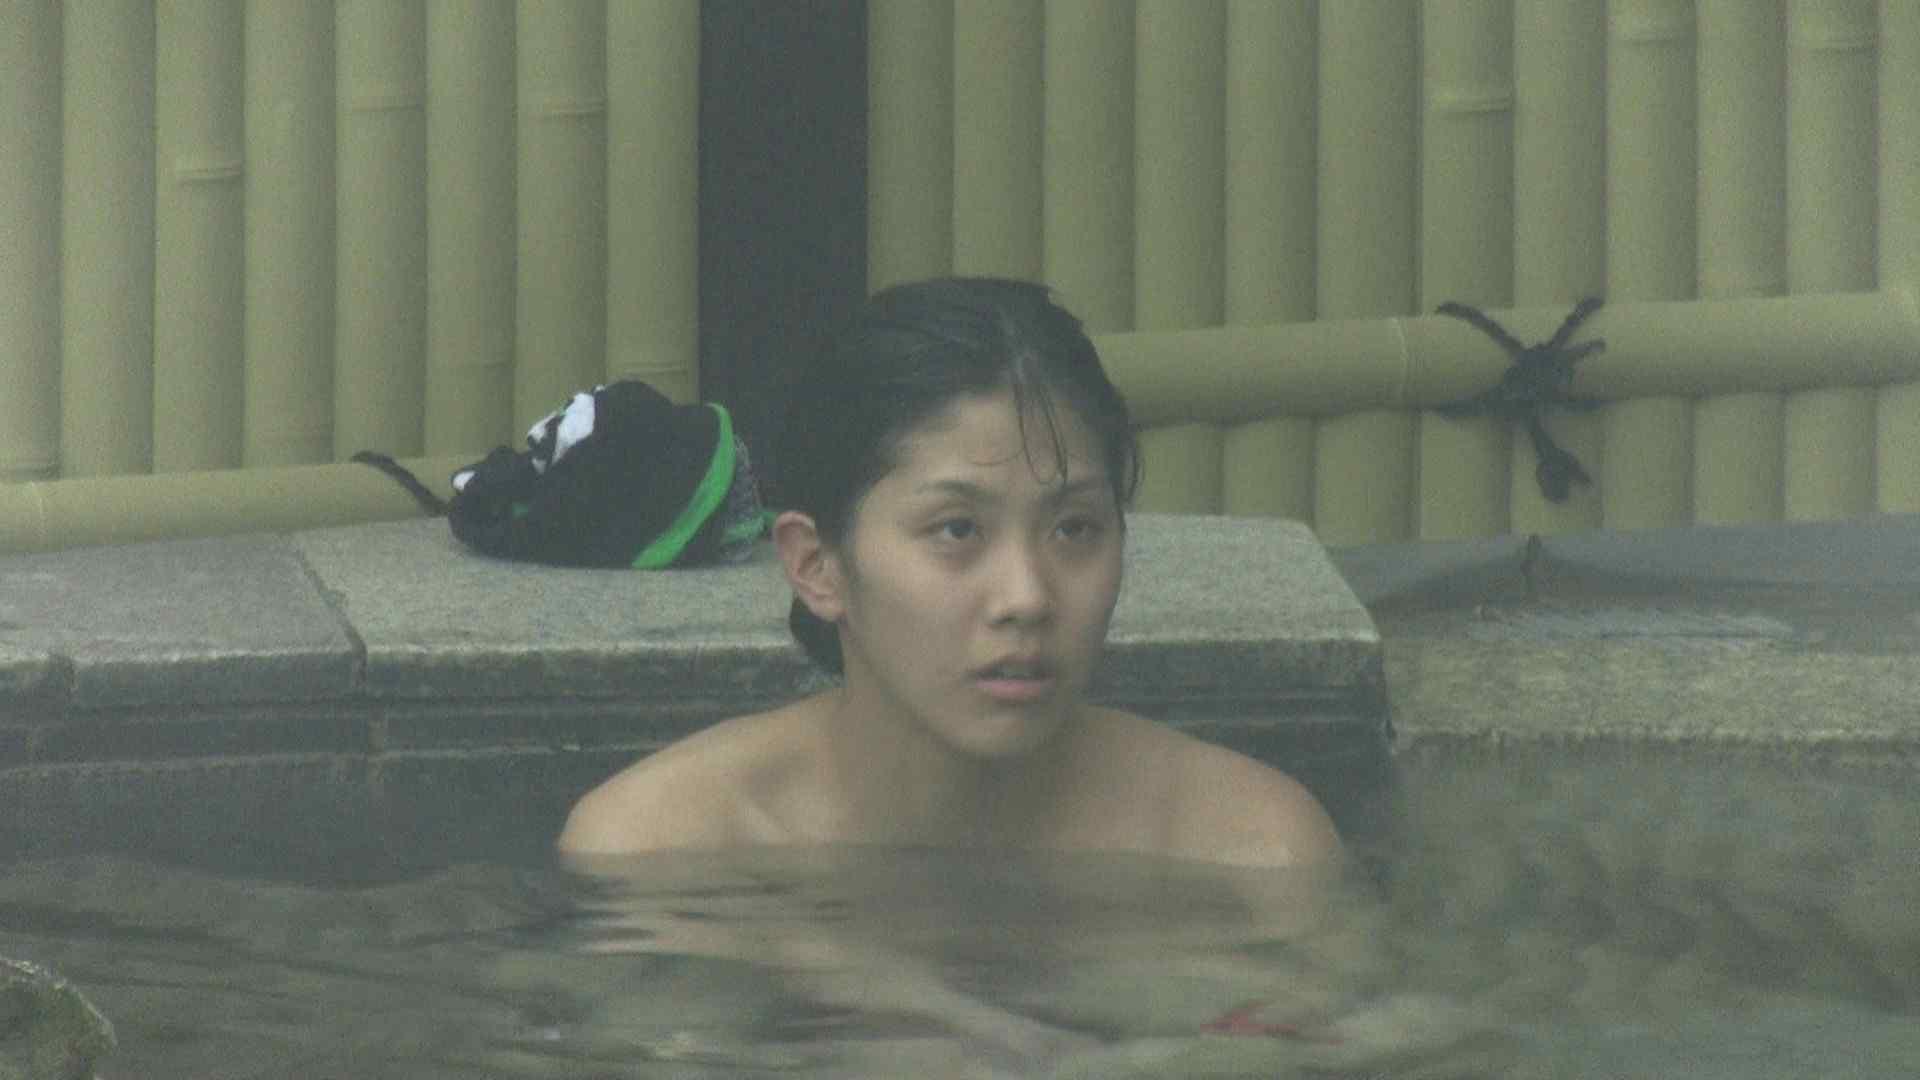 Aquaな露天風呂Vol.174 盗撮シリーズ  86PIX 22